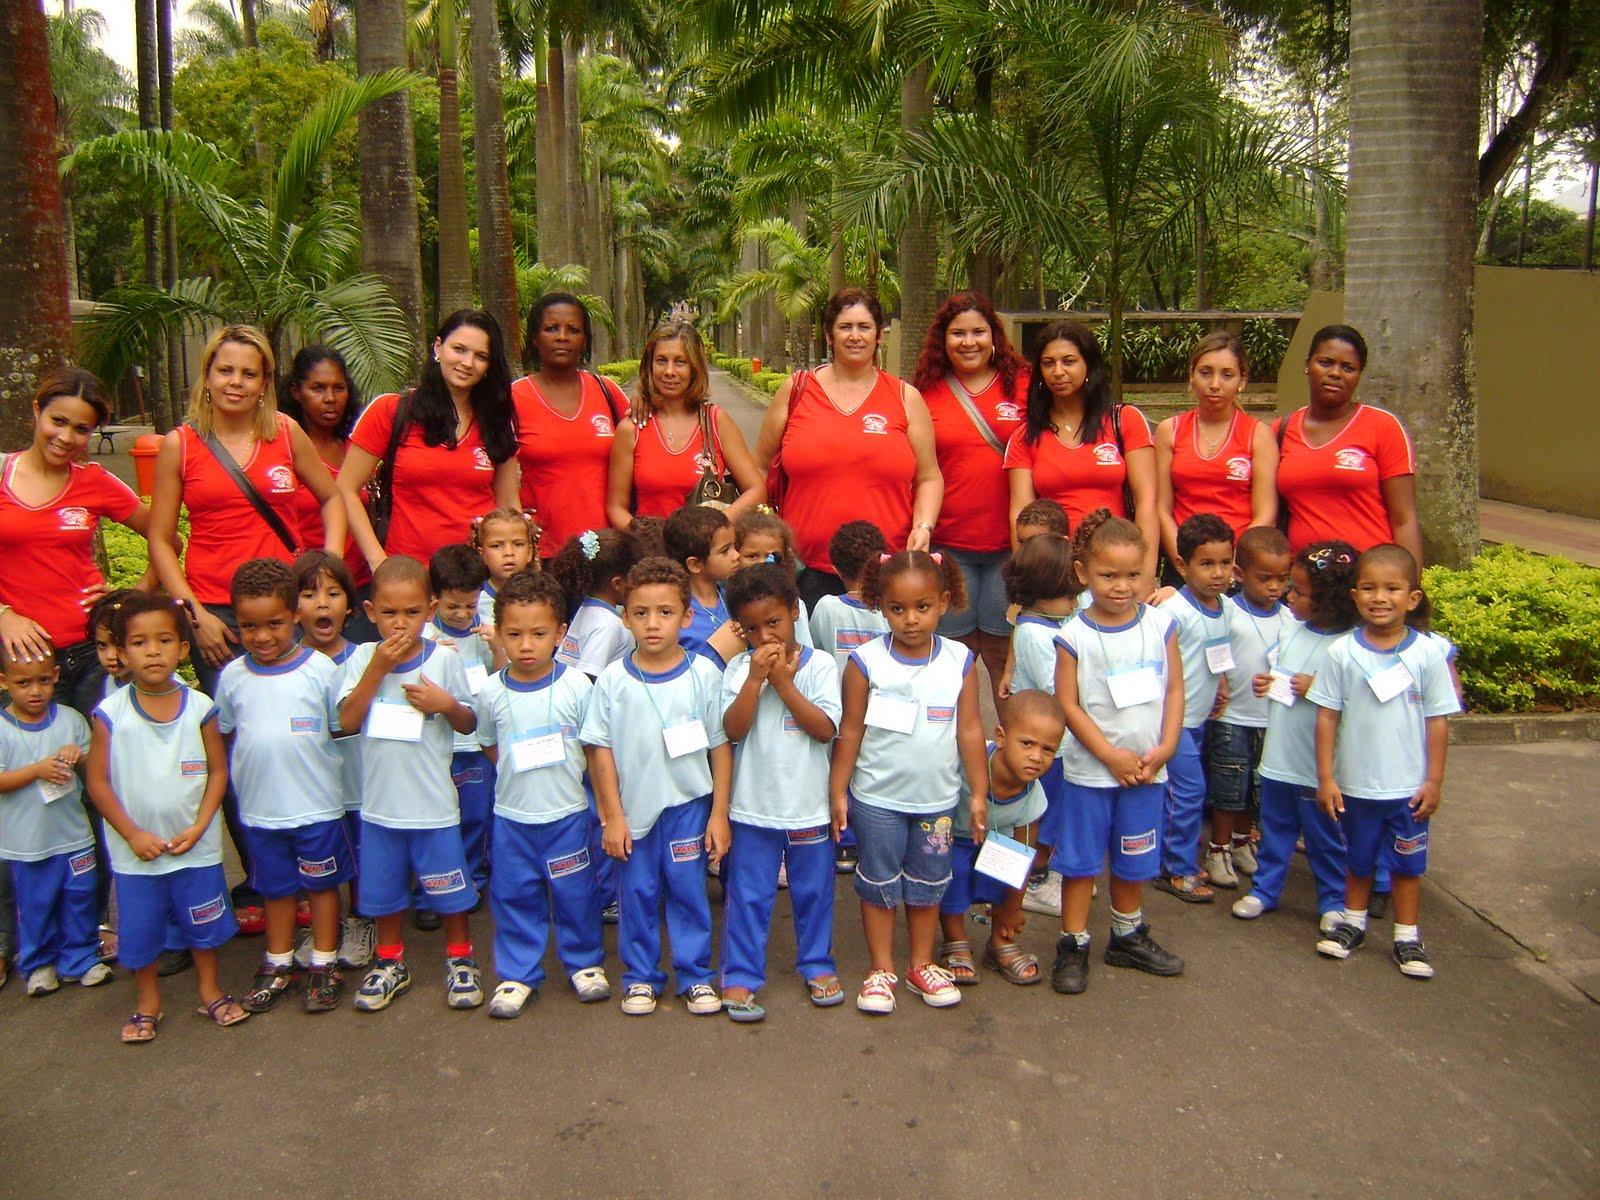 festa jardim zoologico : festa jardim zoologico: Municipal Brisamar – Passeio ao Jardim Zoológico e Festa da criança